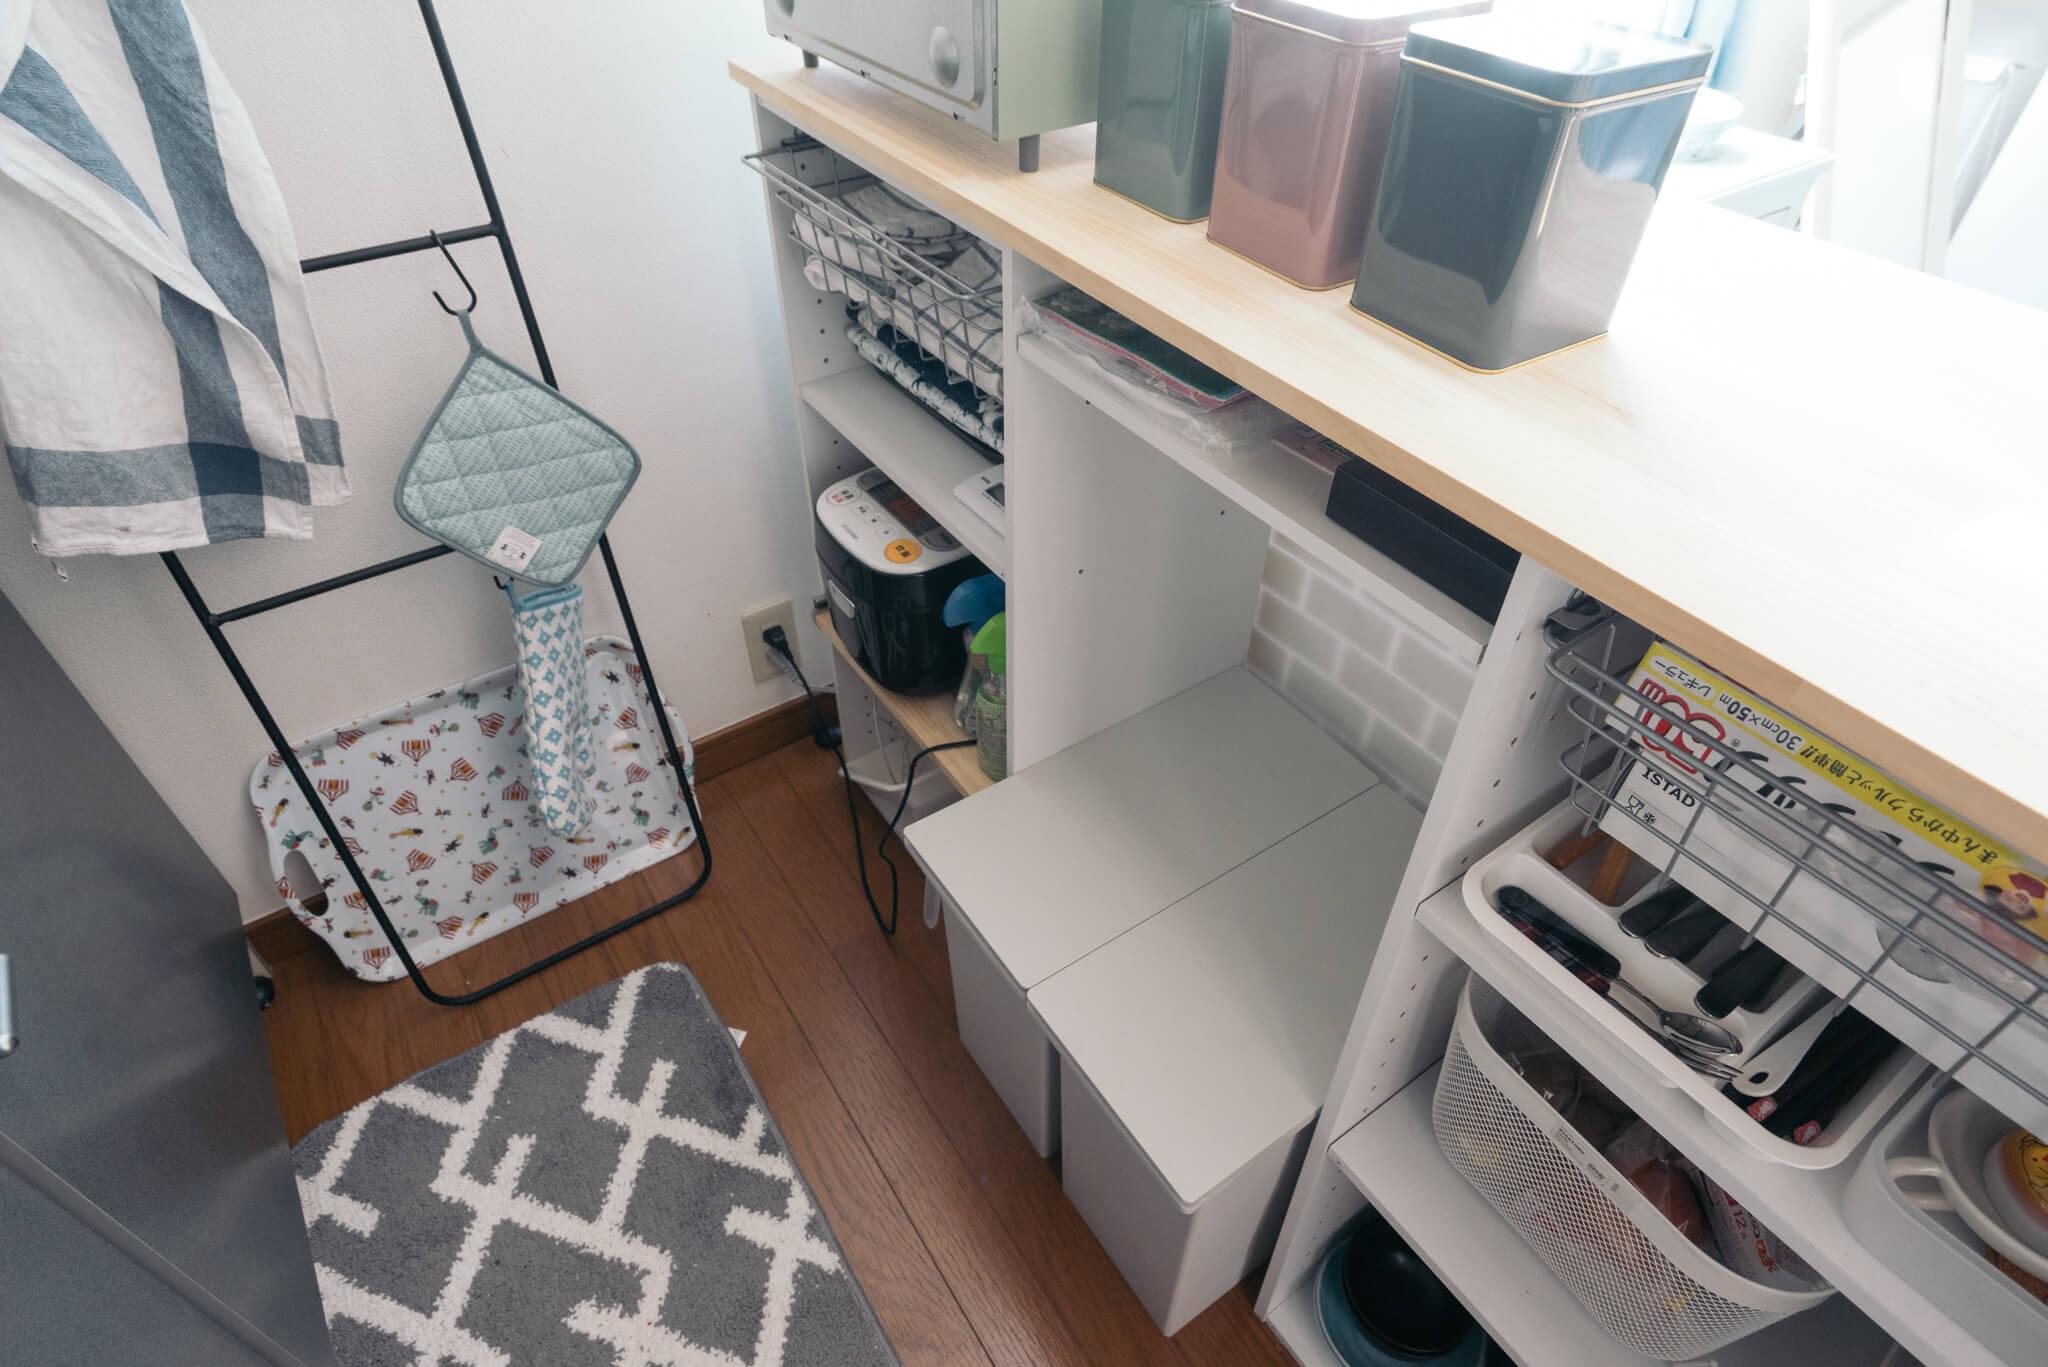 内側に収納スペースのたっぷりある便利なキッチンカウンター。これは真似したくなるアイディアですね。